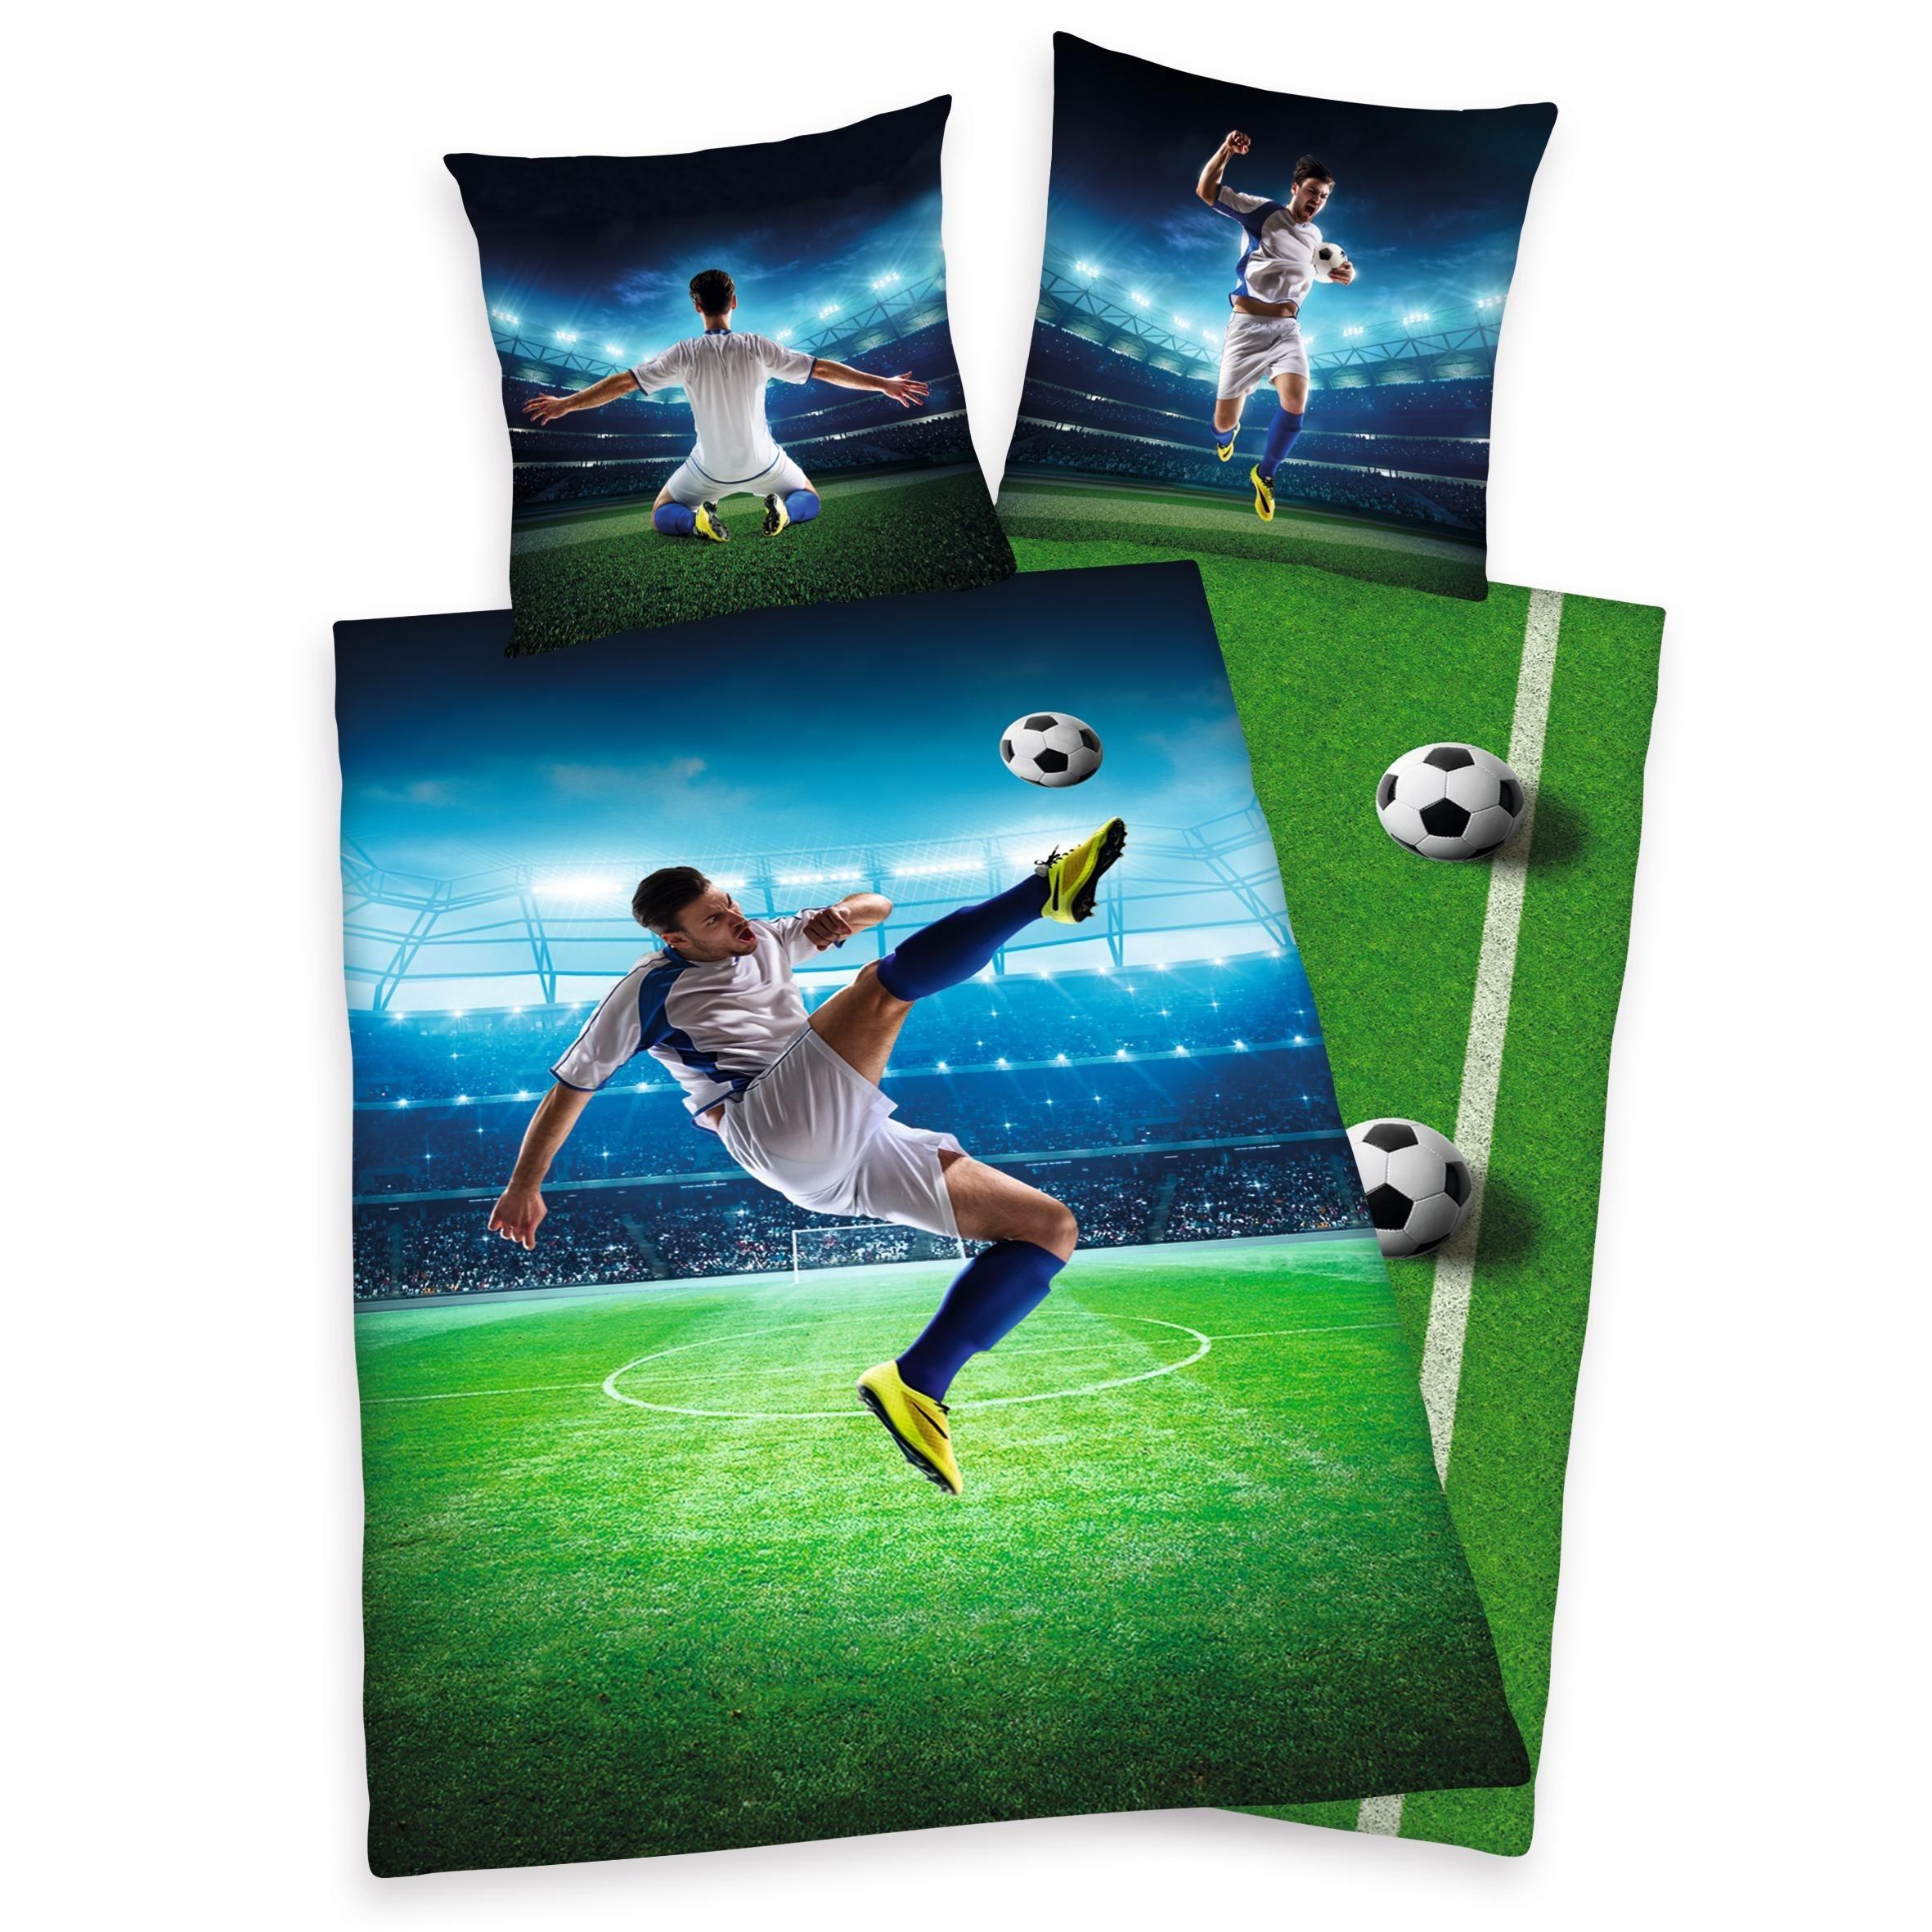 Kinderbettwäsche »Fußballschuss«, Young Collection, mit einem Fußballspieler | Kinderzimmer > Textilien für Kinder > Kinderbettwäsche | Young Collection